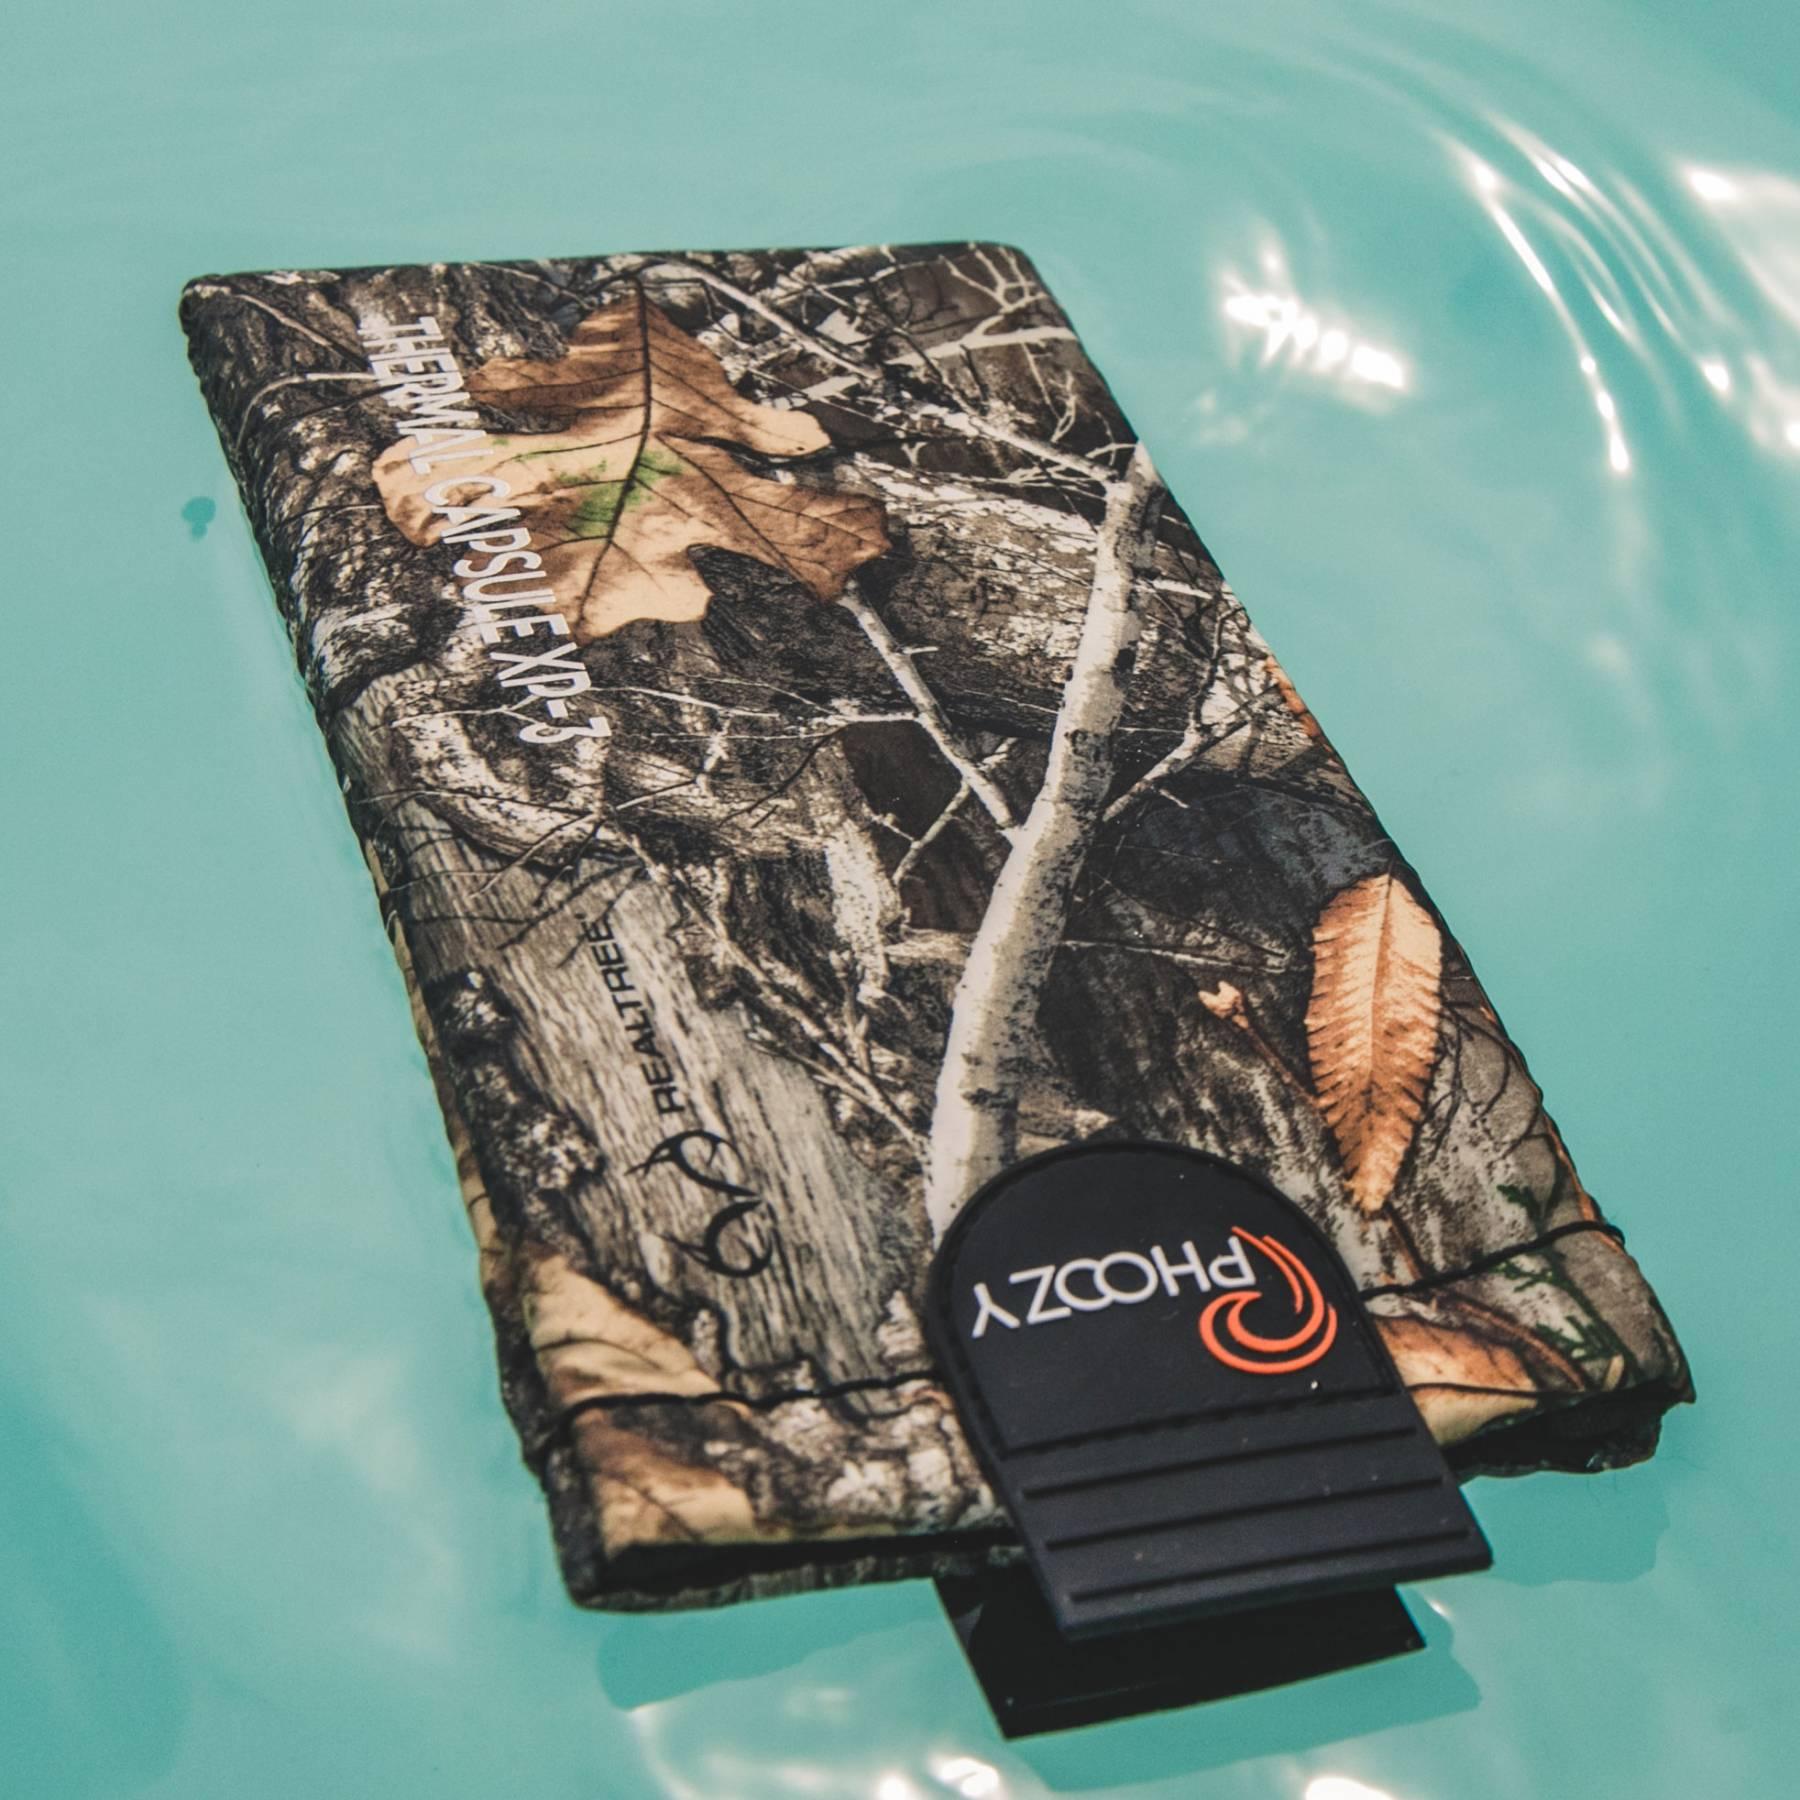 buy online 4ba1d ec789 Phoozy 'Spacesuit' Phone Case | GearJunkie